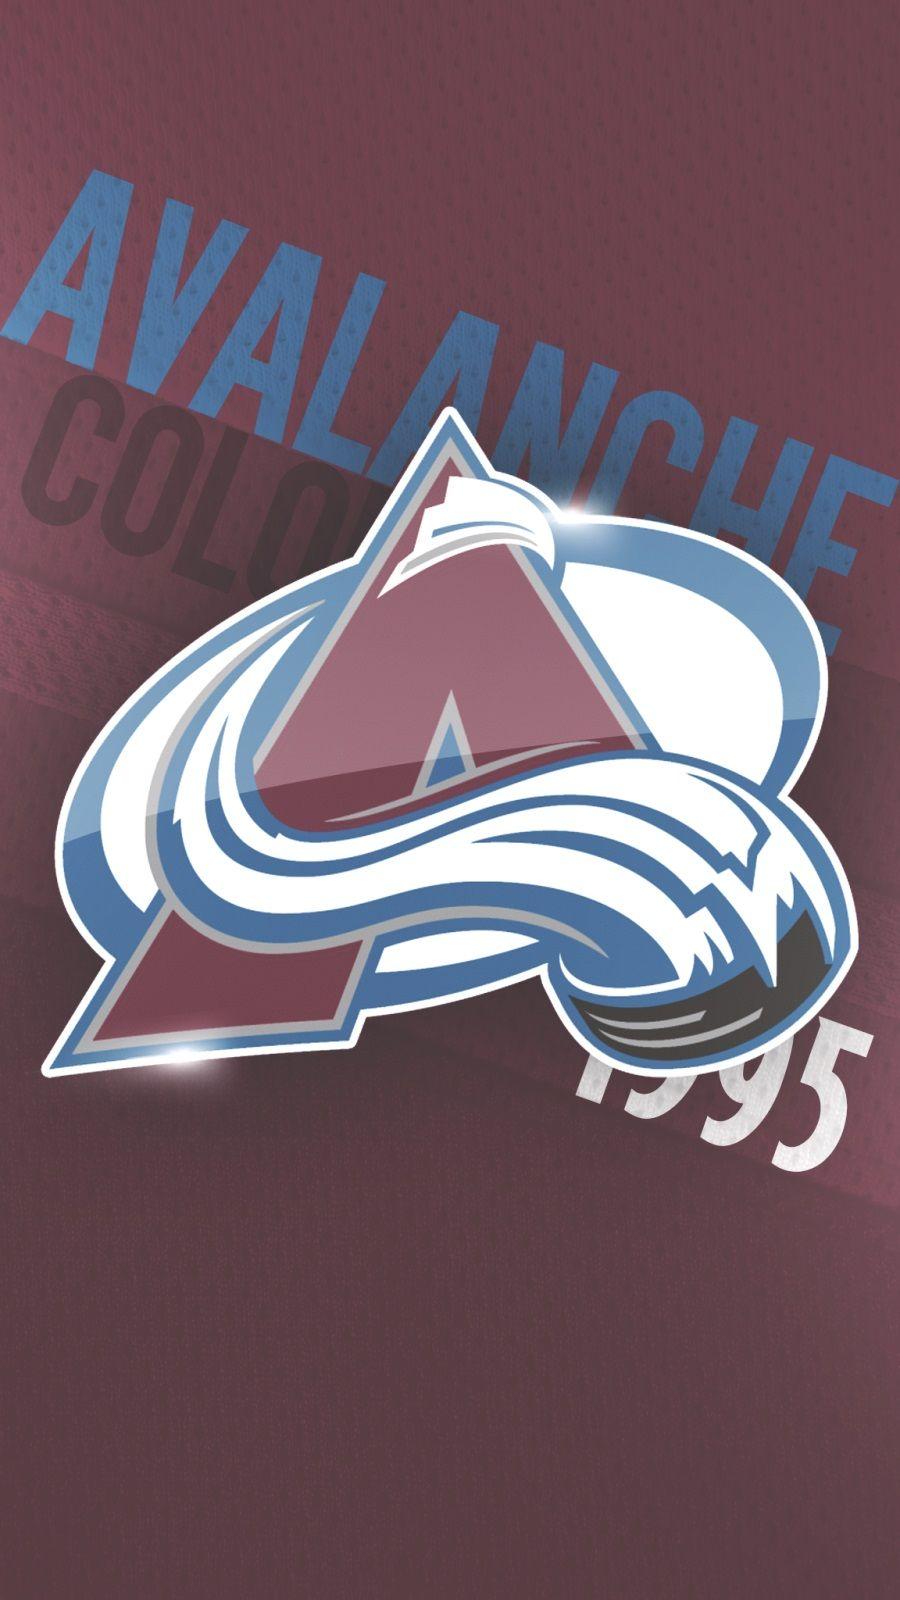 Colorado Avalanche Colorado Avalanche Nhl Hockey Teams